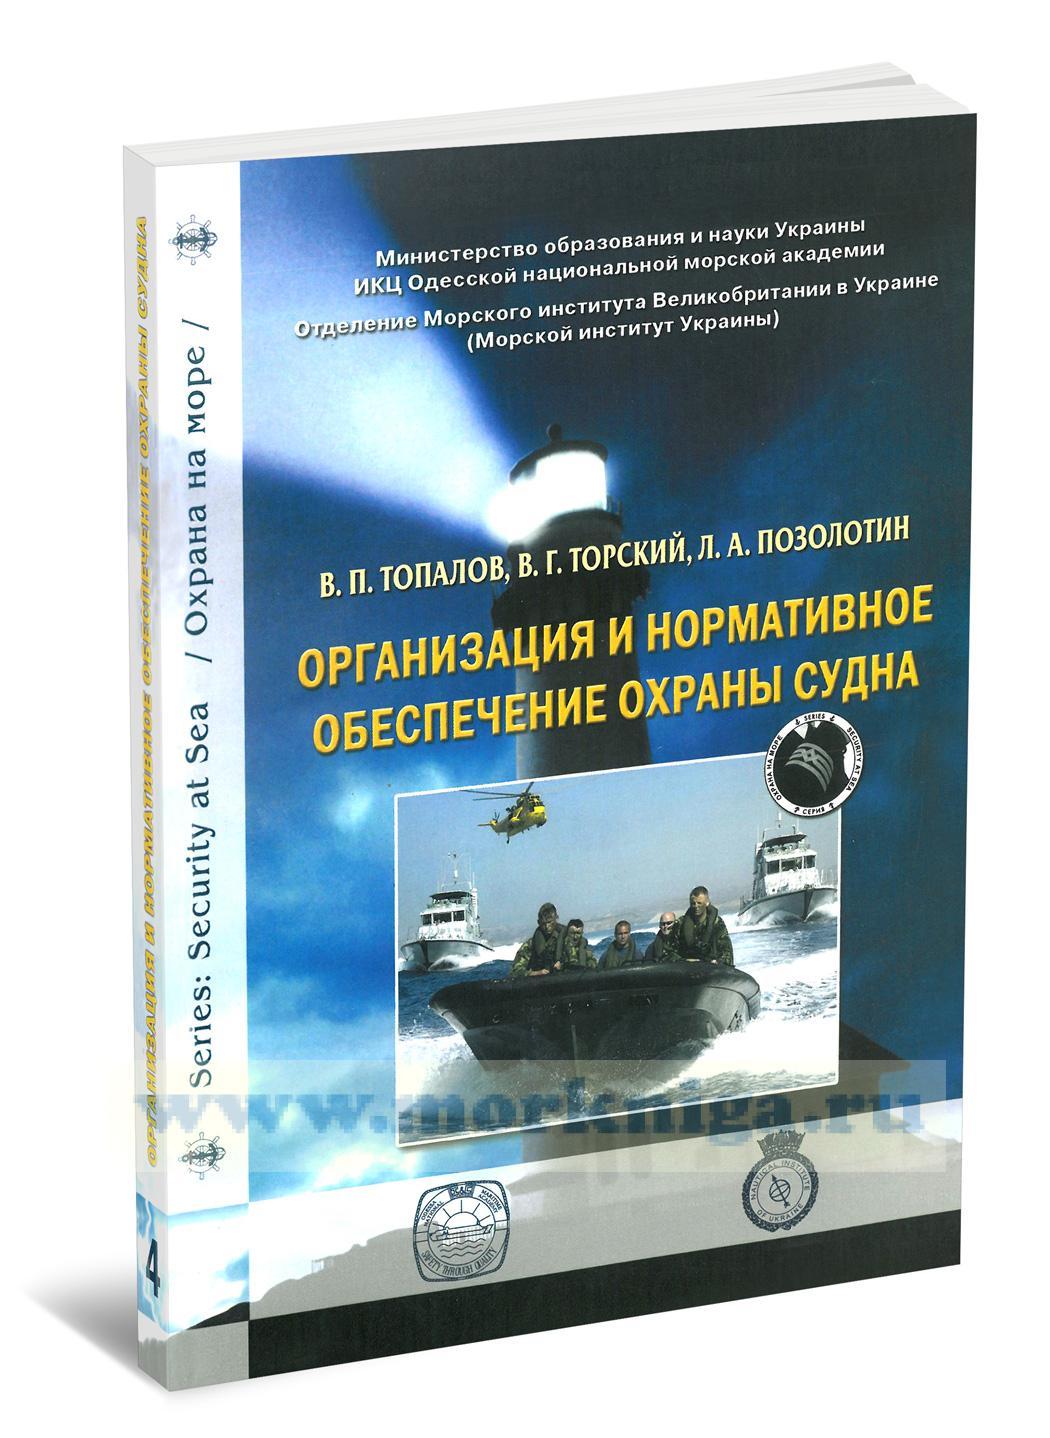 Организация и нормативное обеспечение охраны судна